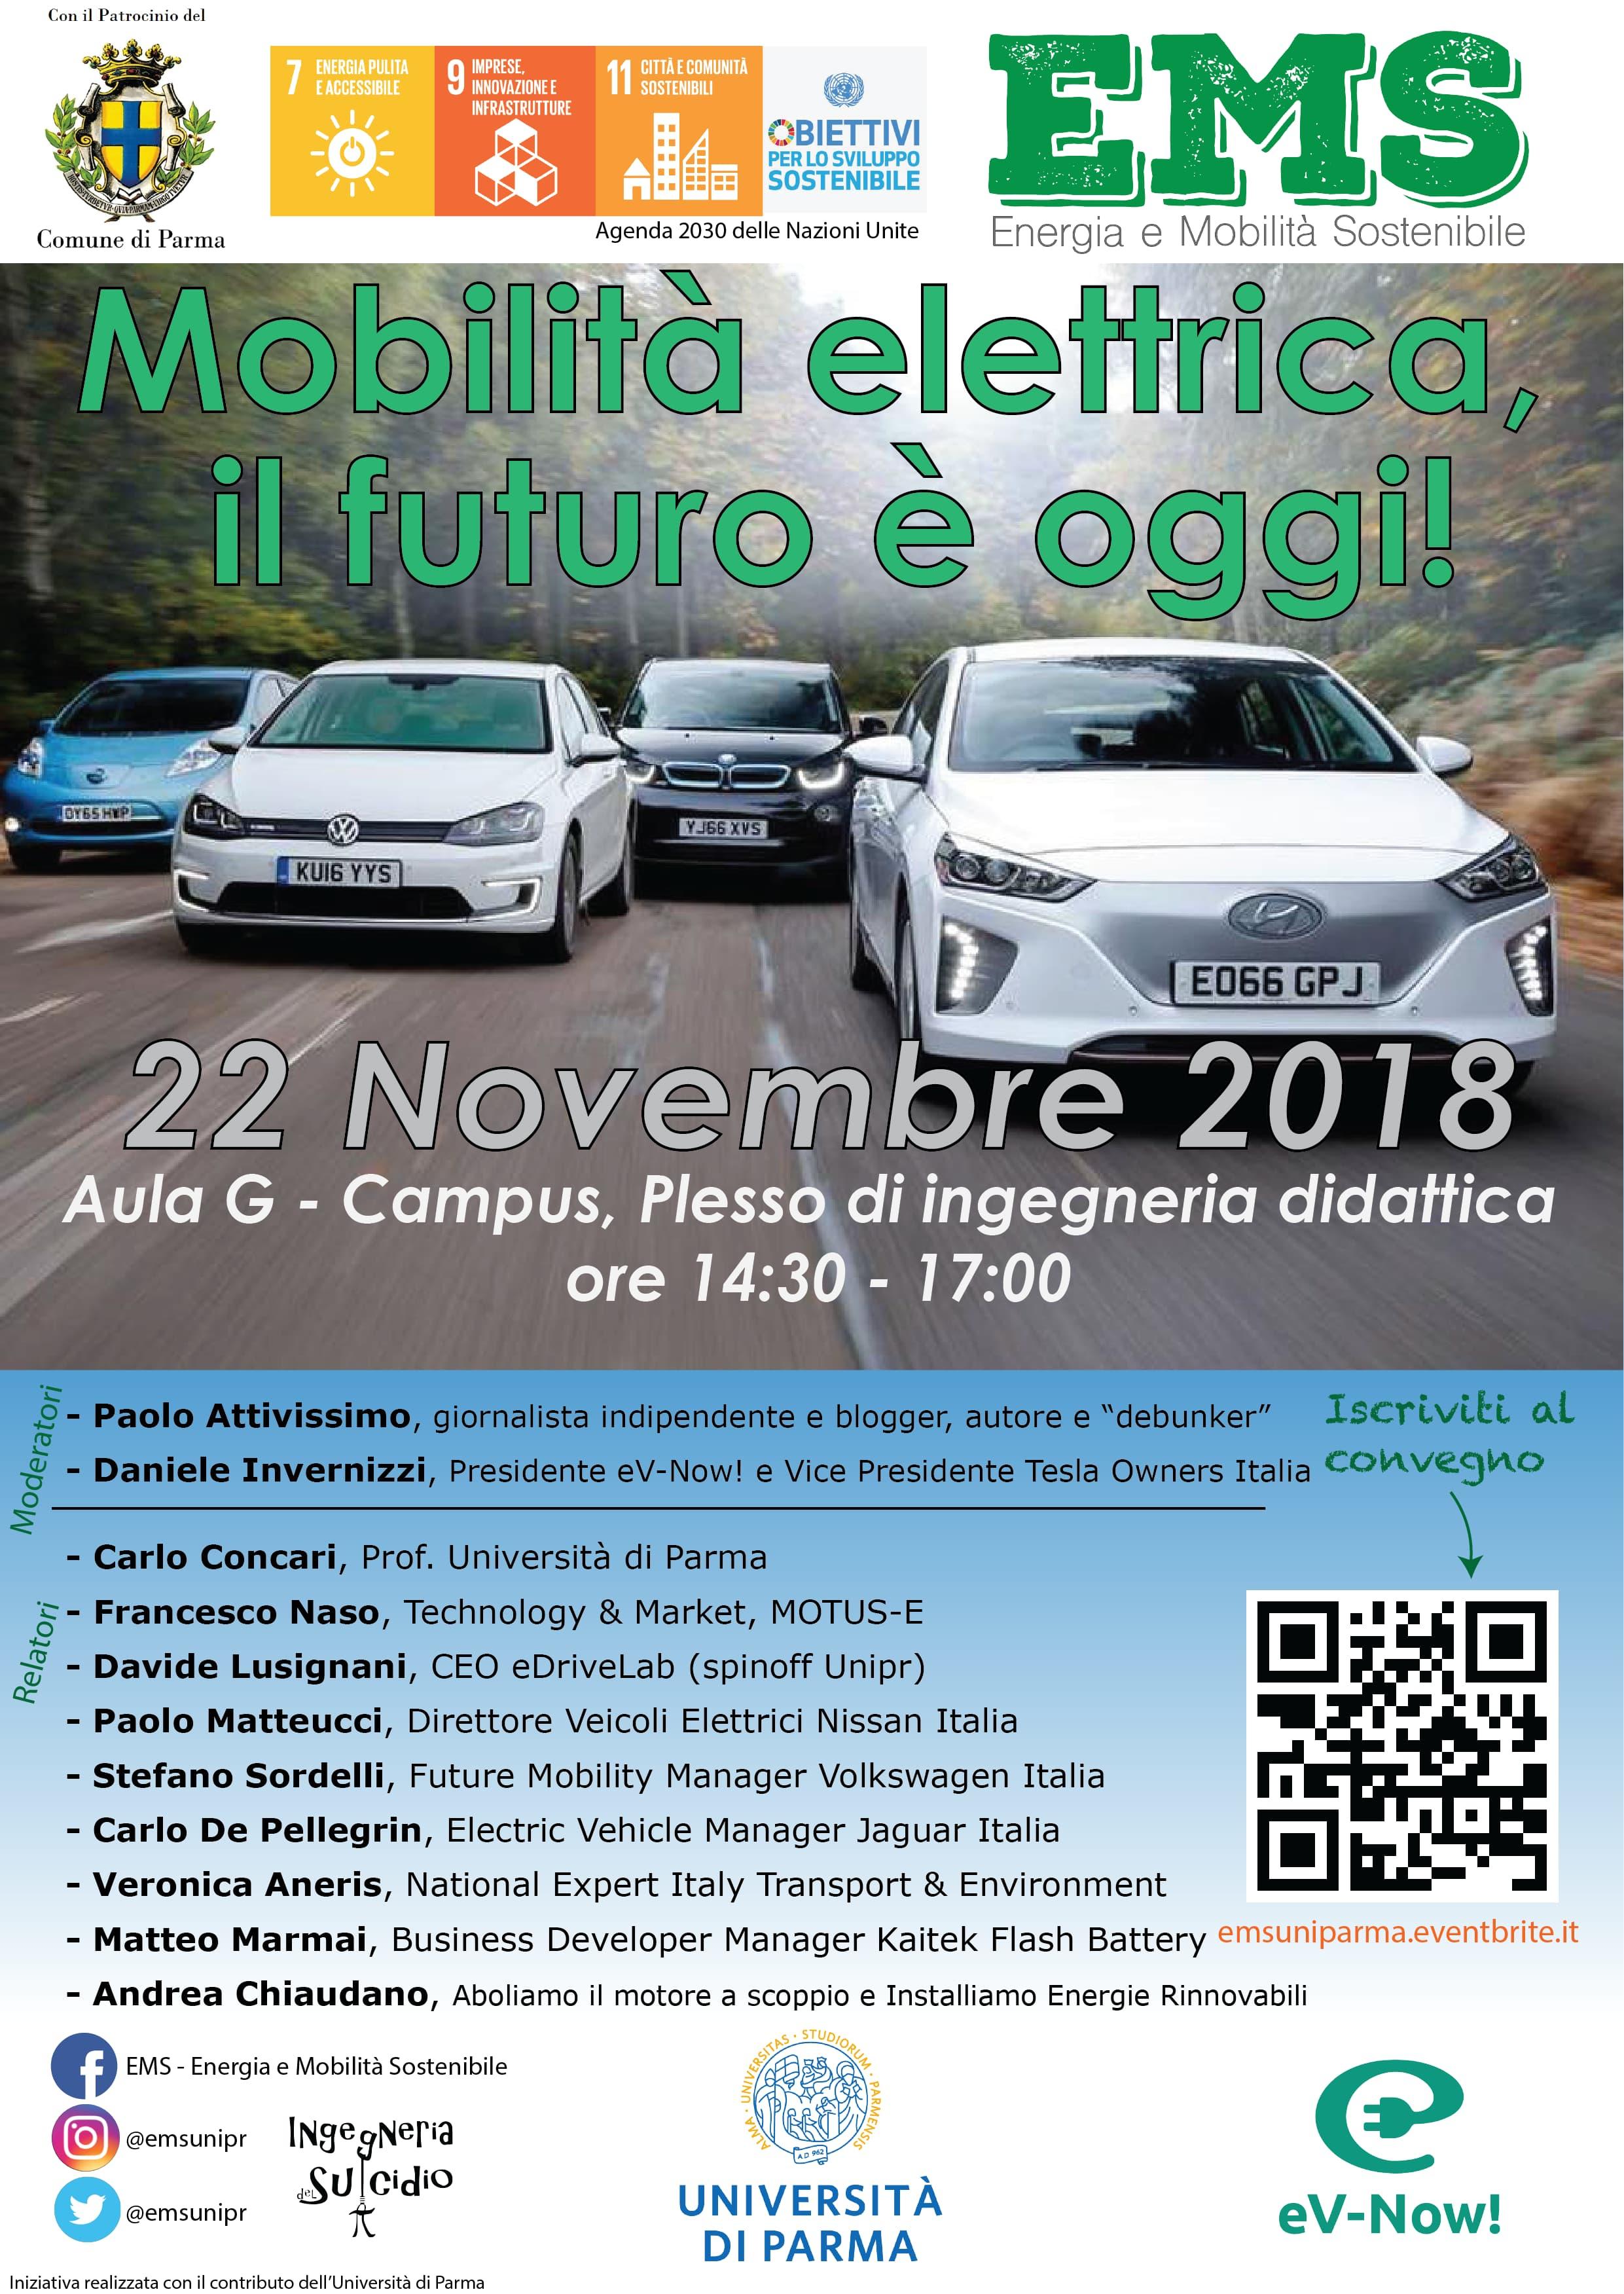 Convegno Mobilità Elettrica il futuro è oggi